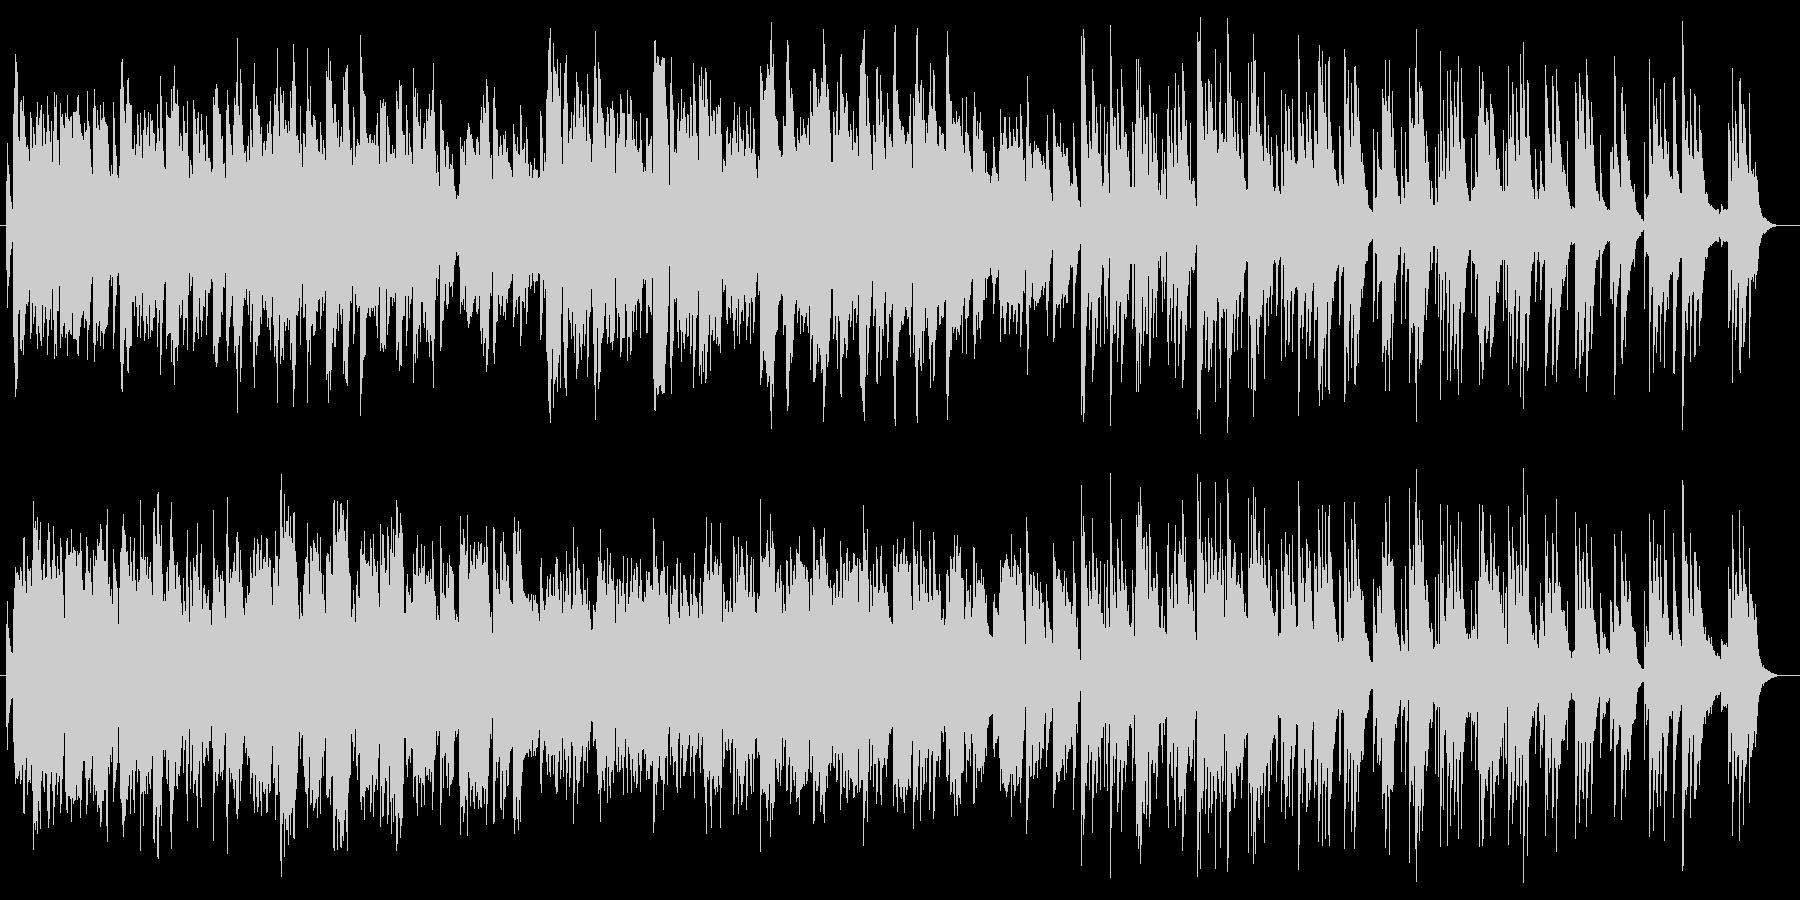 悲しくて切ないピアノ伴奏の音楽の未再生の波形